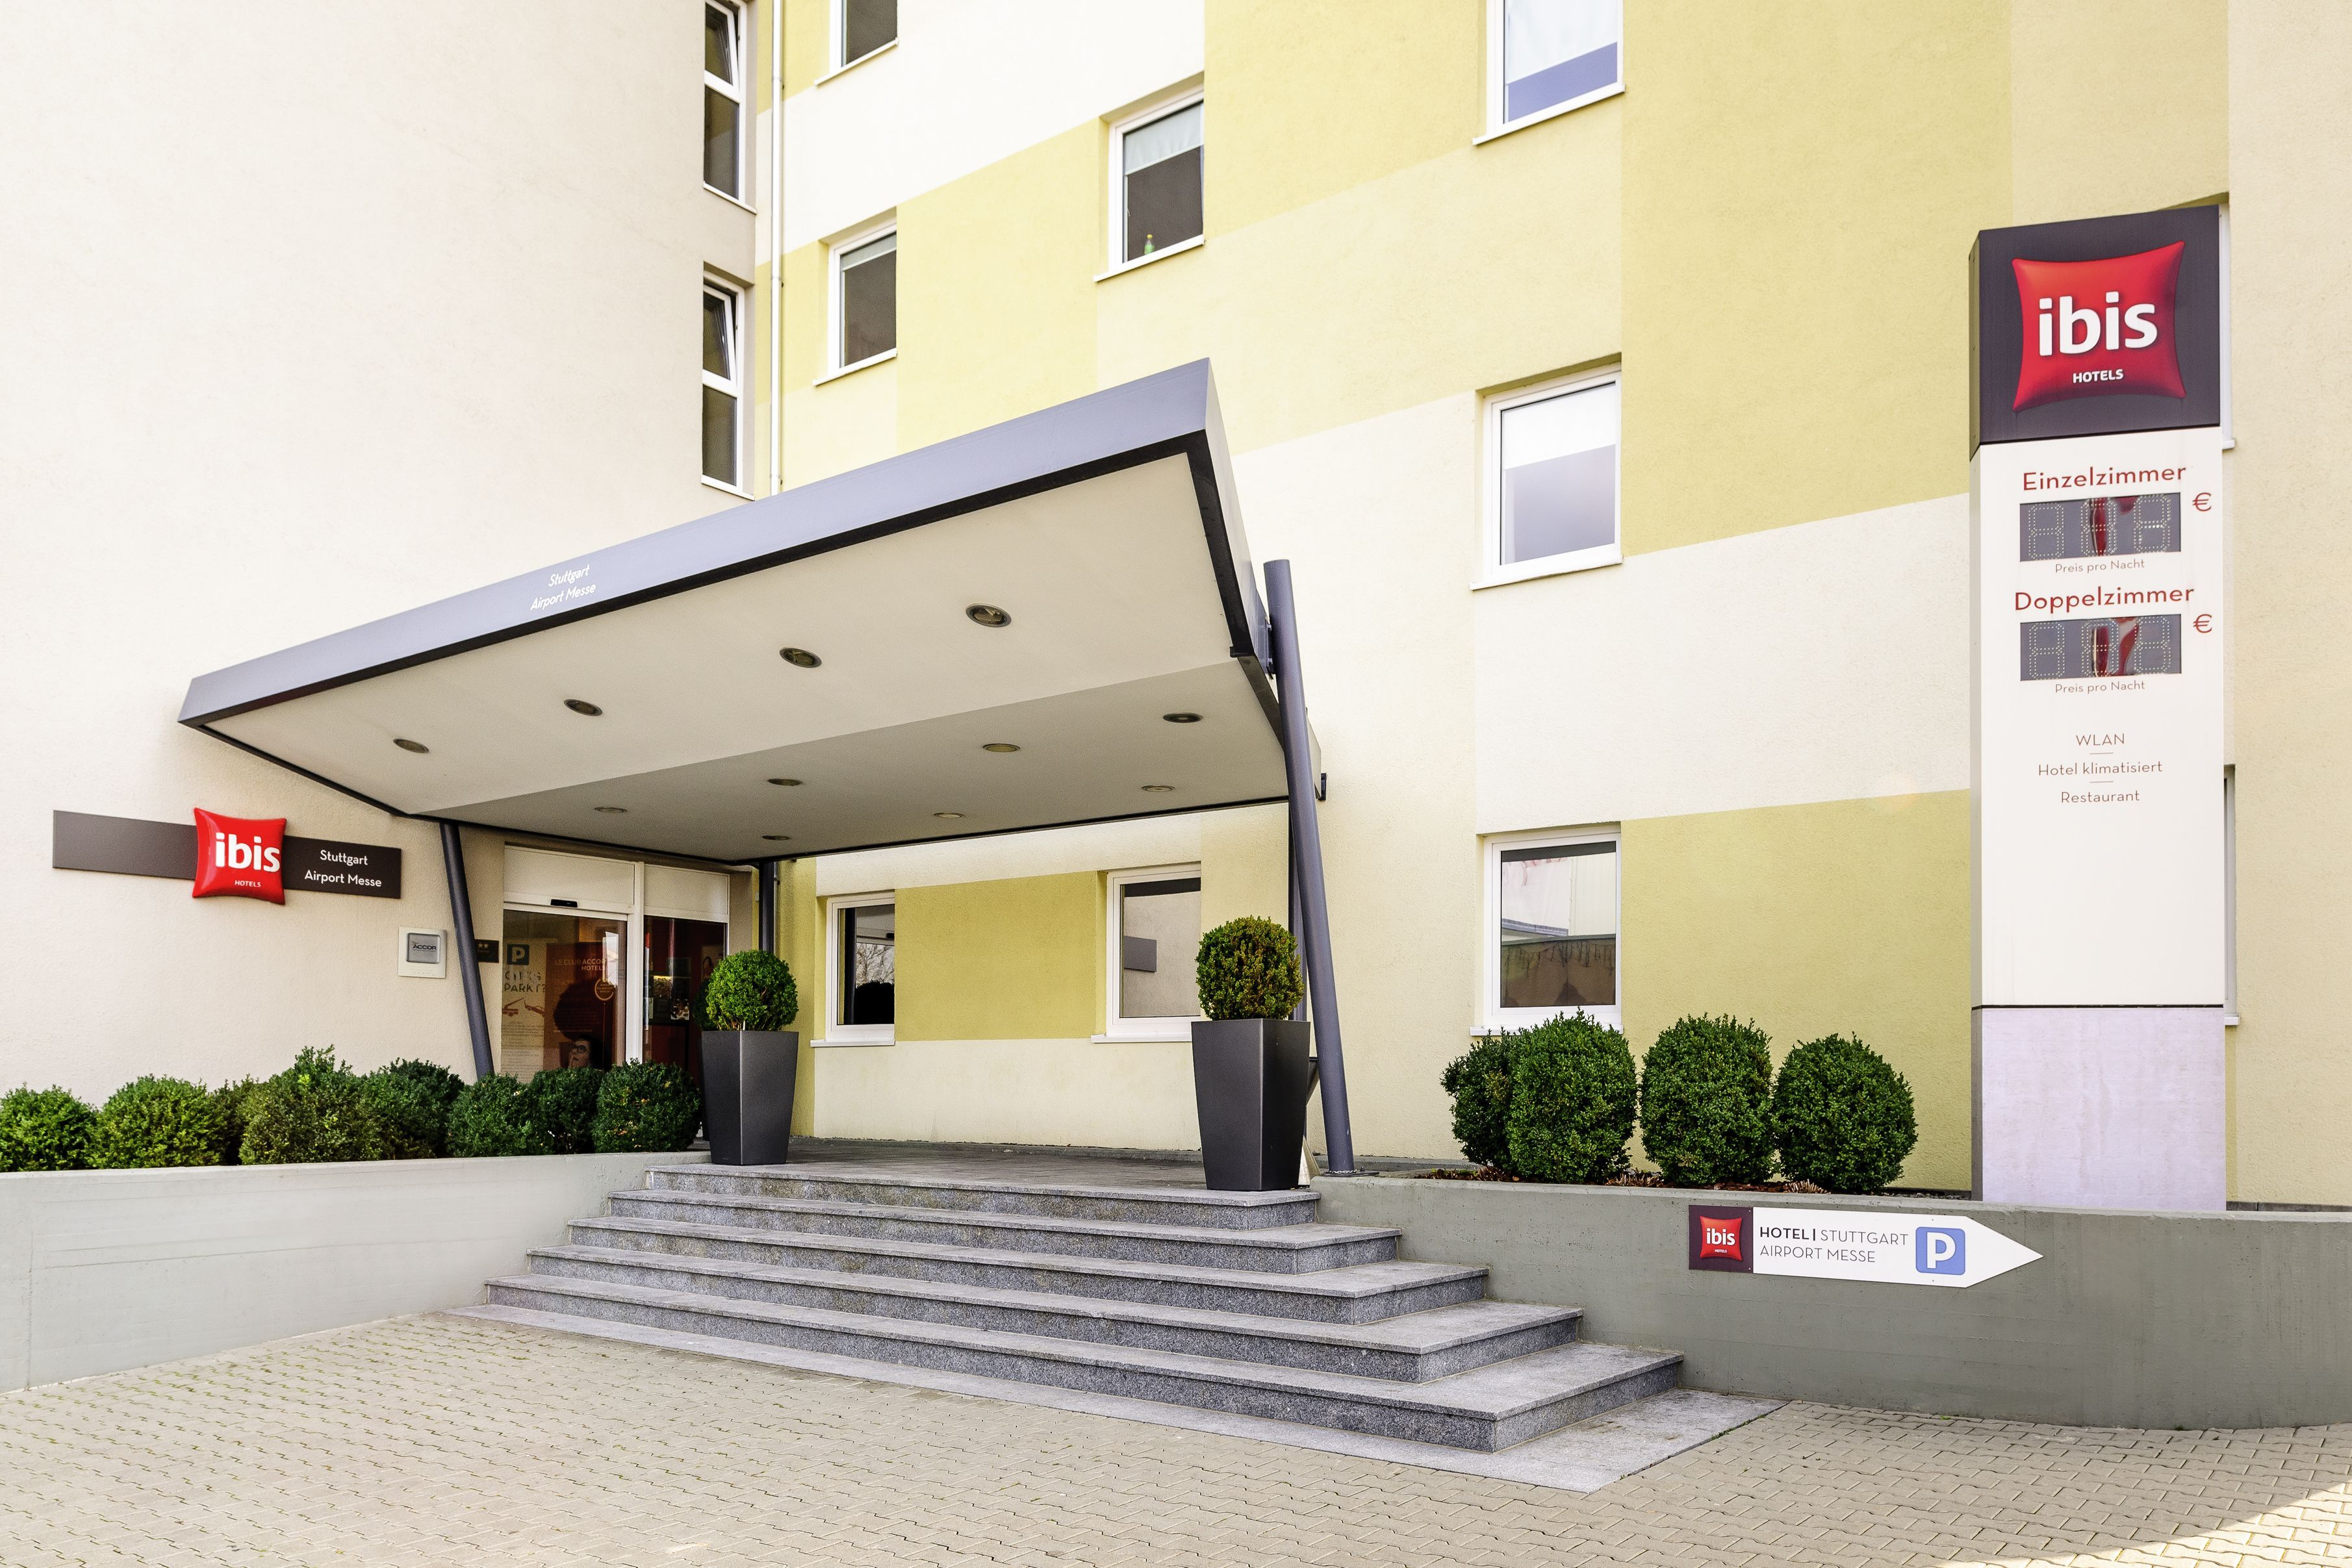 Stage Apollo Theater In Stuttgart Hotels In Der Nahe Auf Hotel De